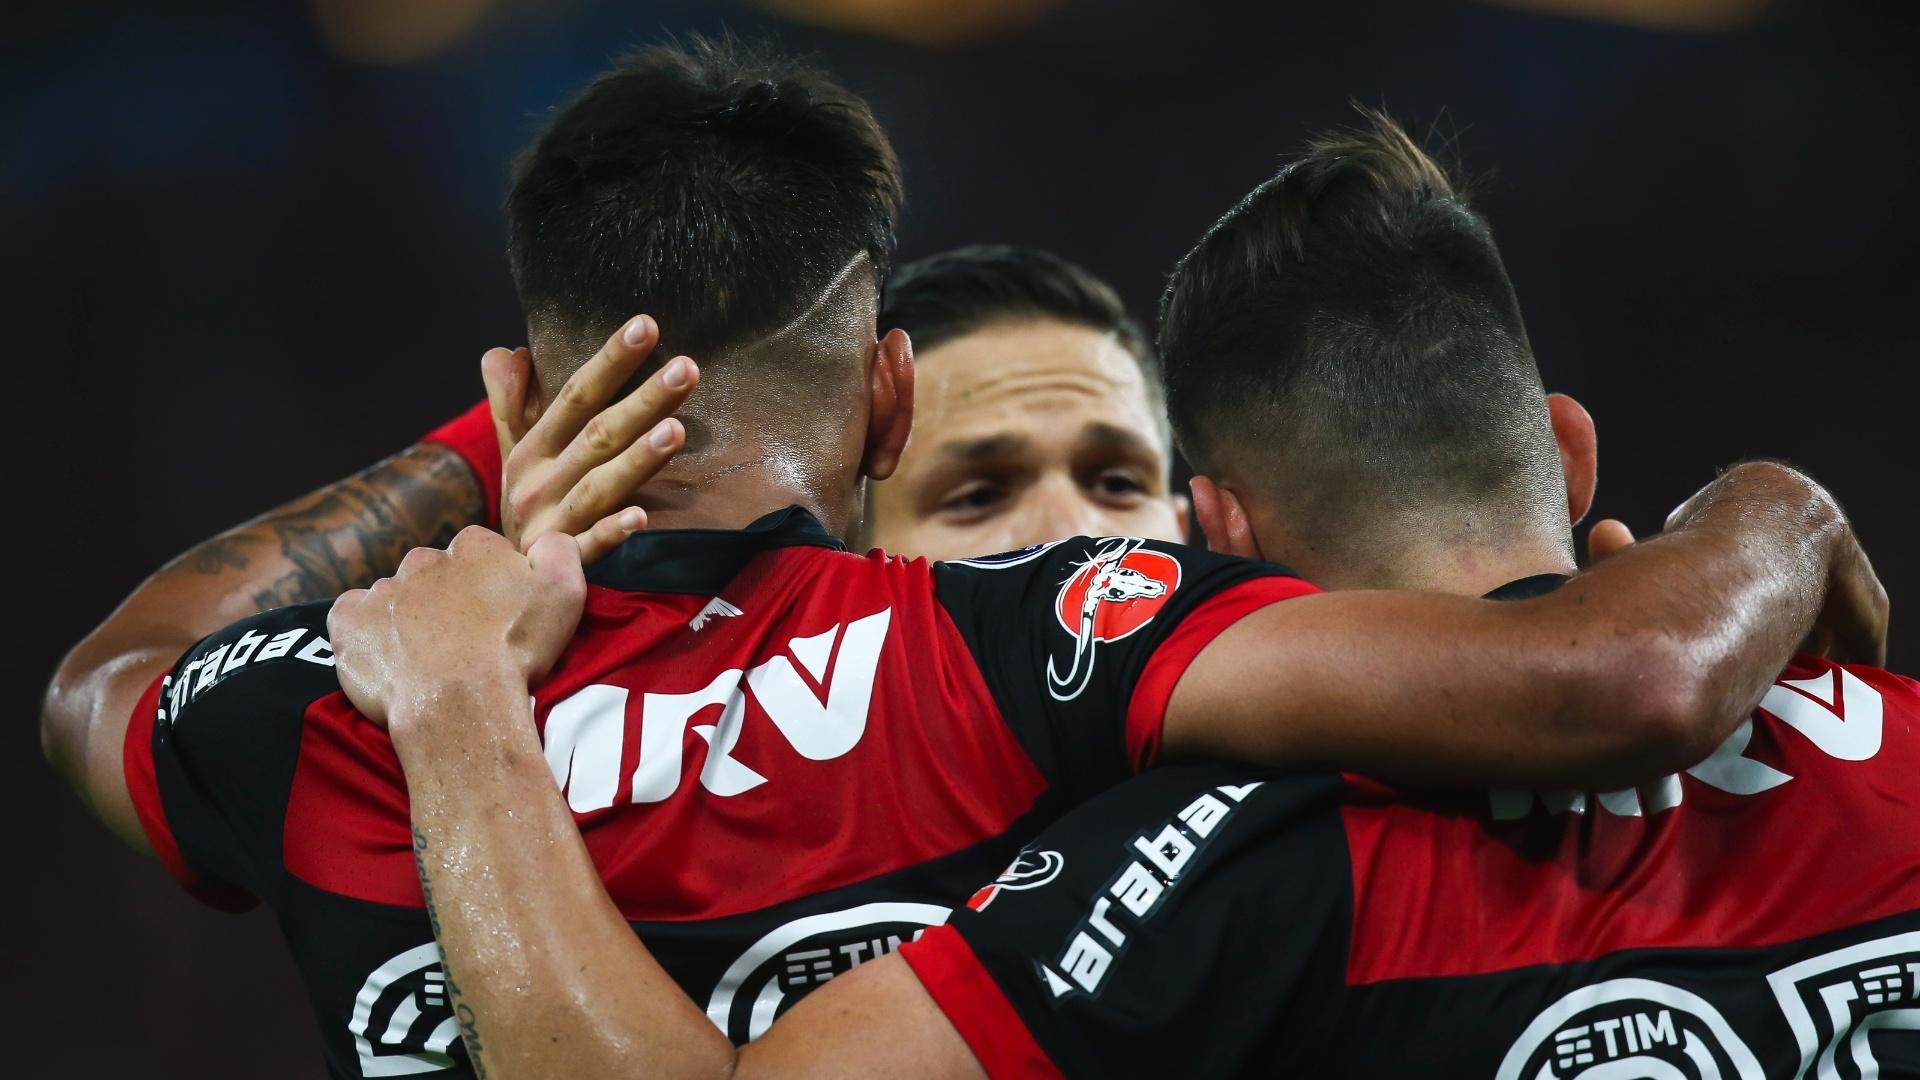 Jogadores do Flamengo se abraçam em jogo contra o Independiente